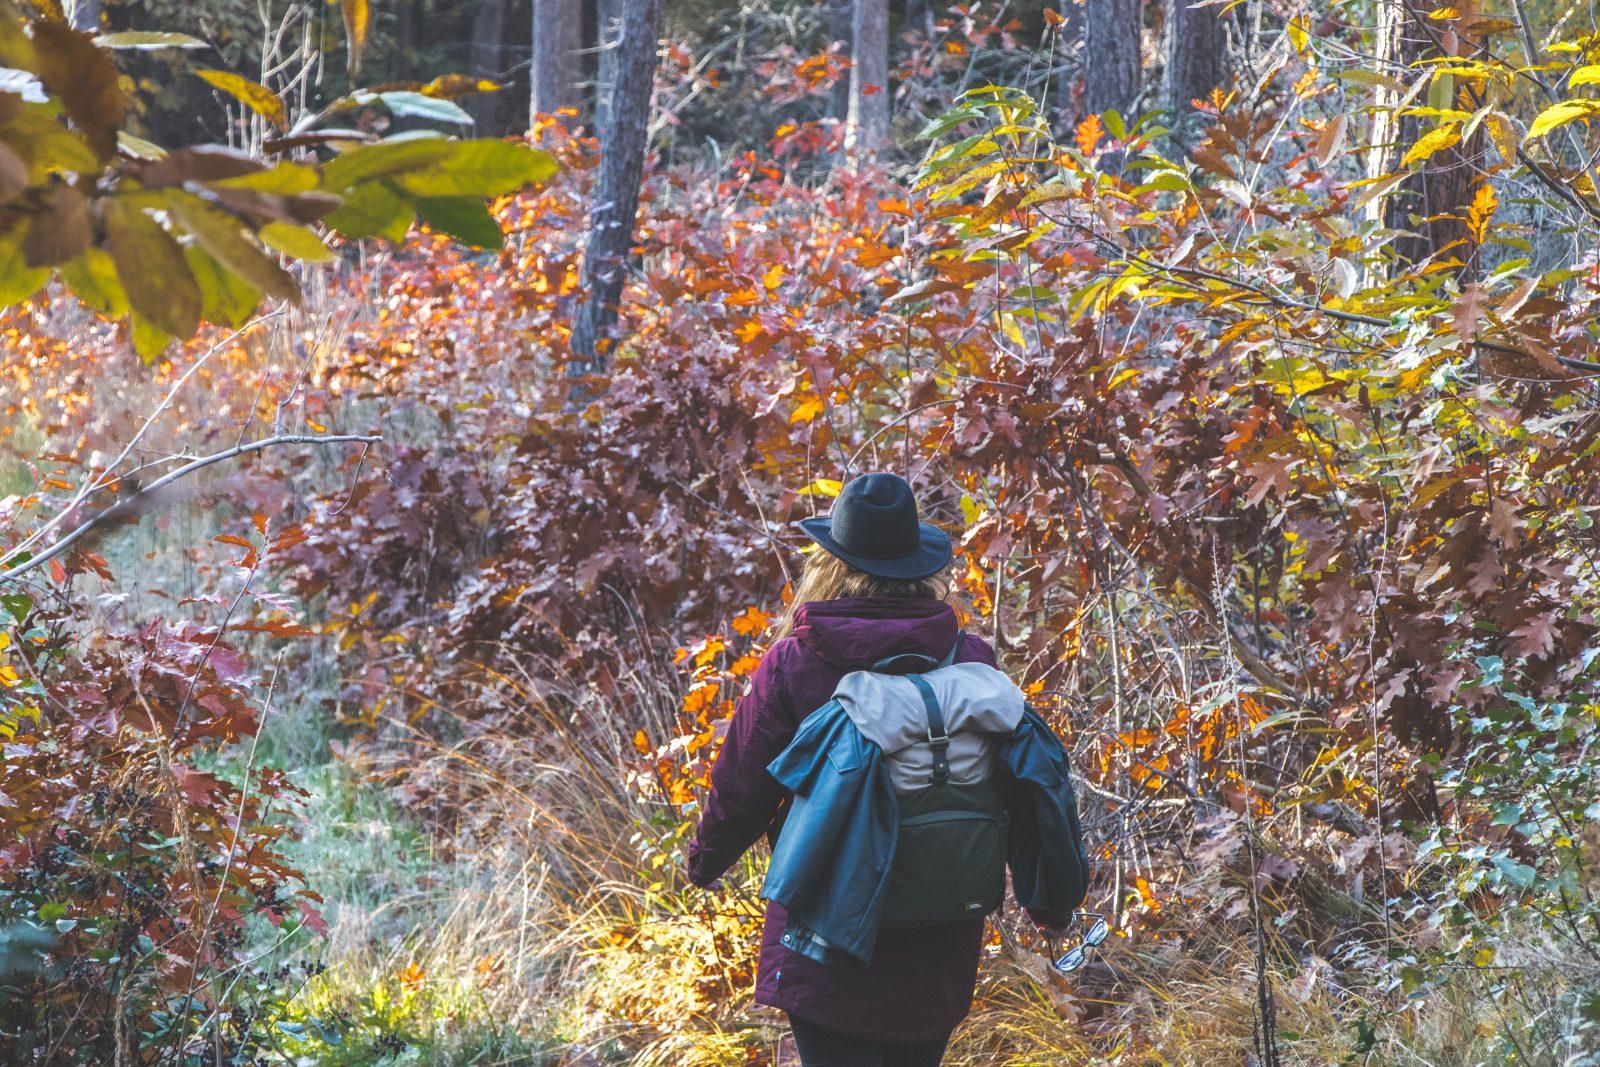 Deze jas van Fjällräven is ideaal voor elk outdoor avontuur!